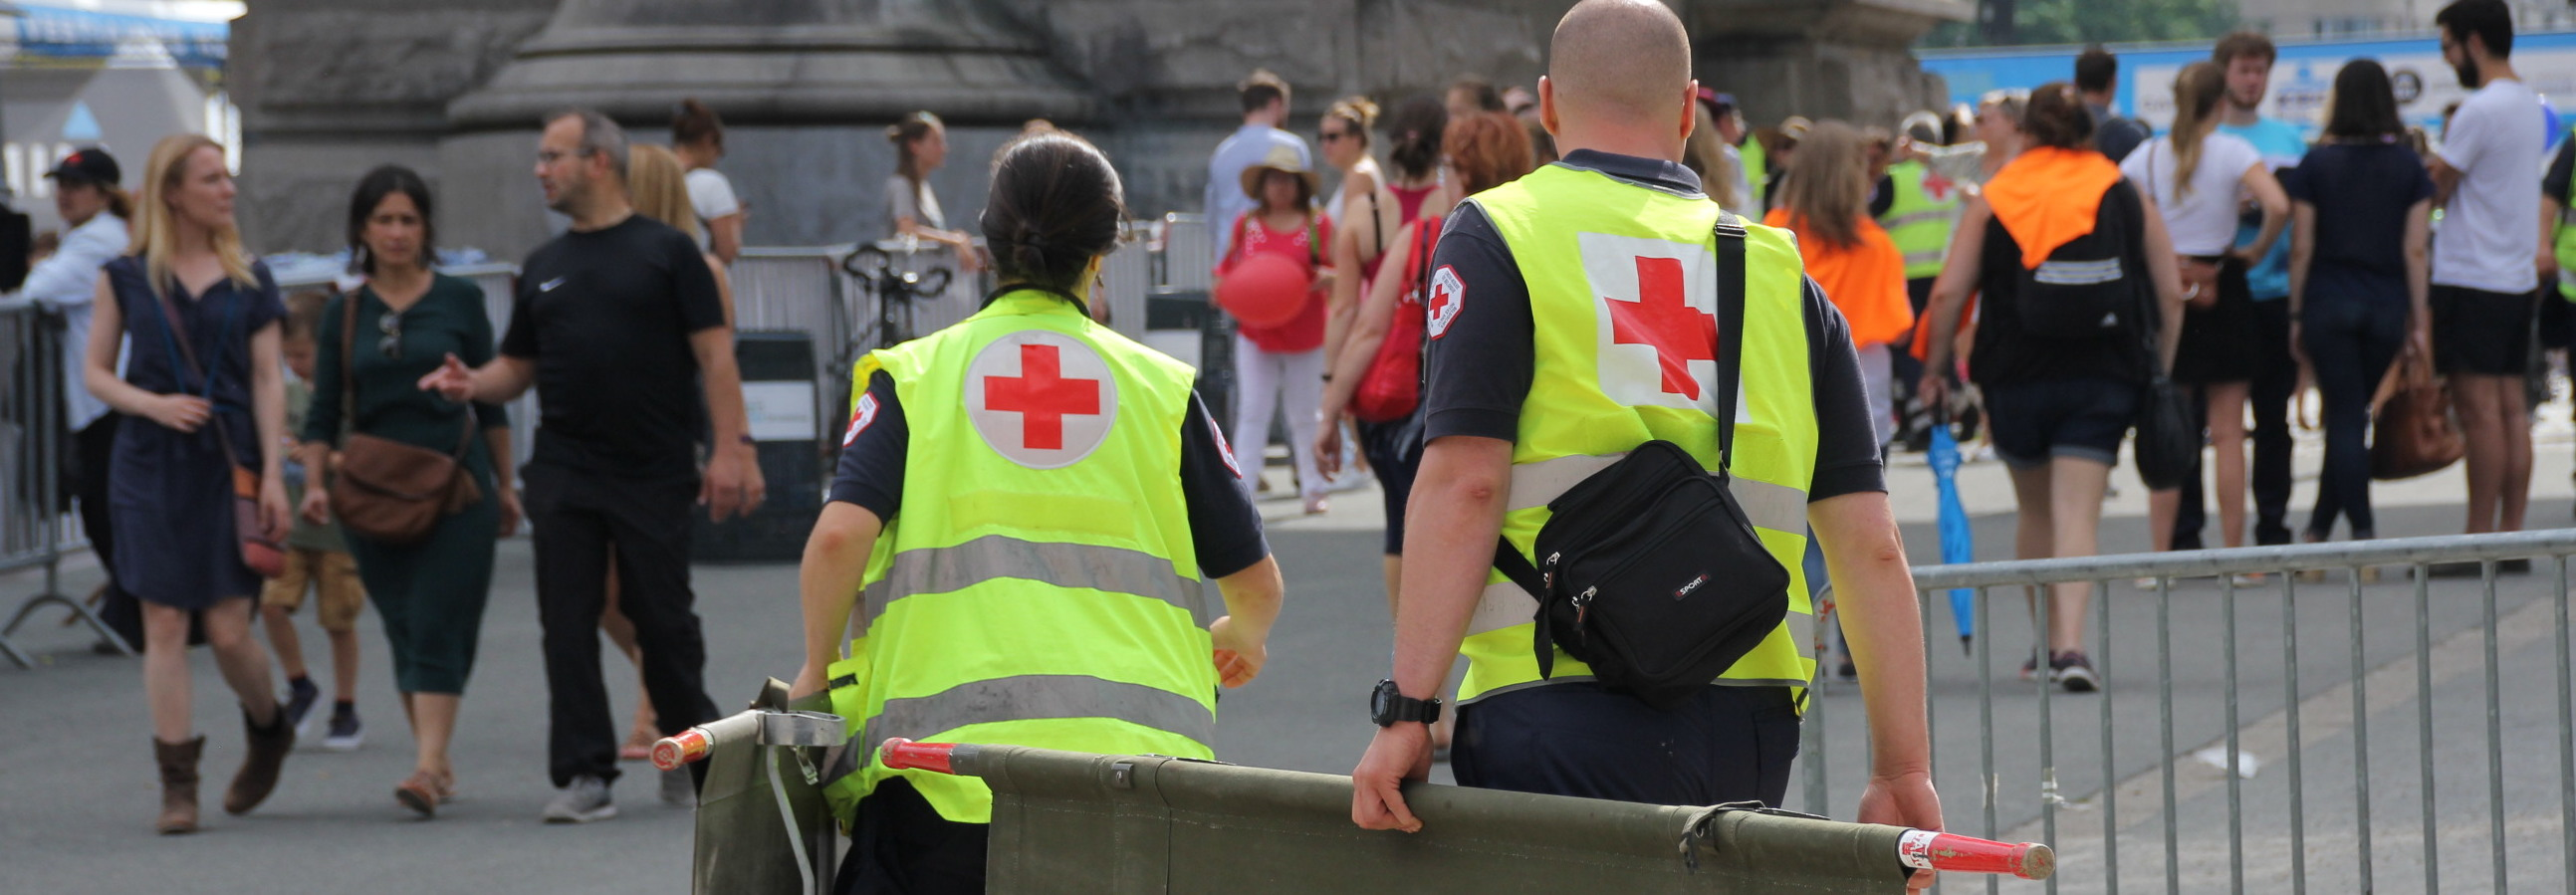 Pourquoi courir les 20km de Bruxelles avec la Croix-Rouge